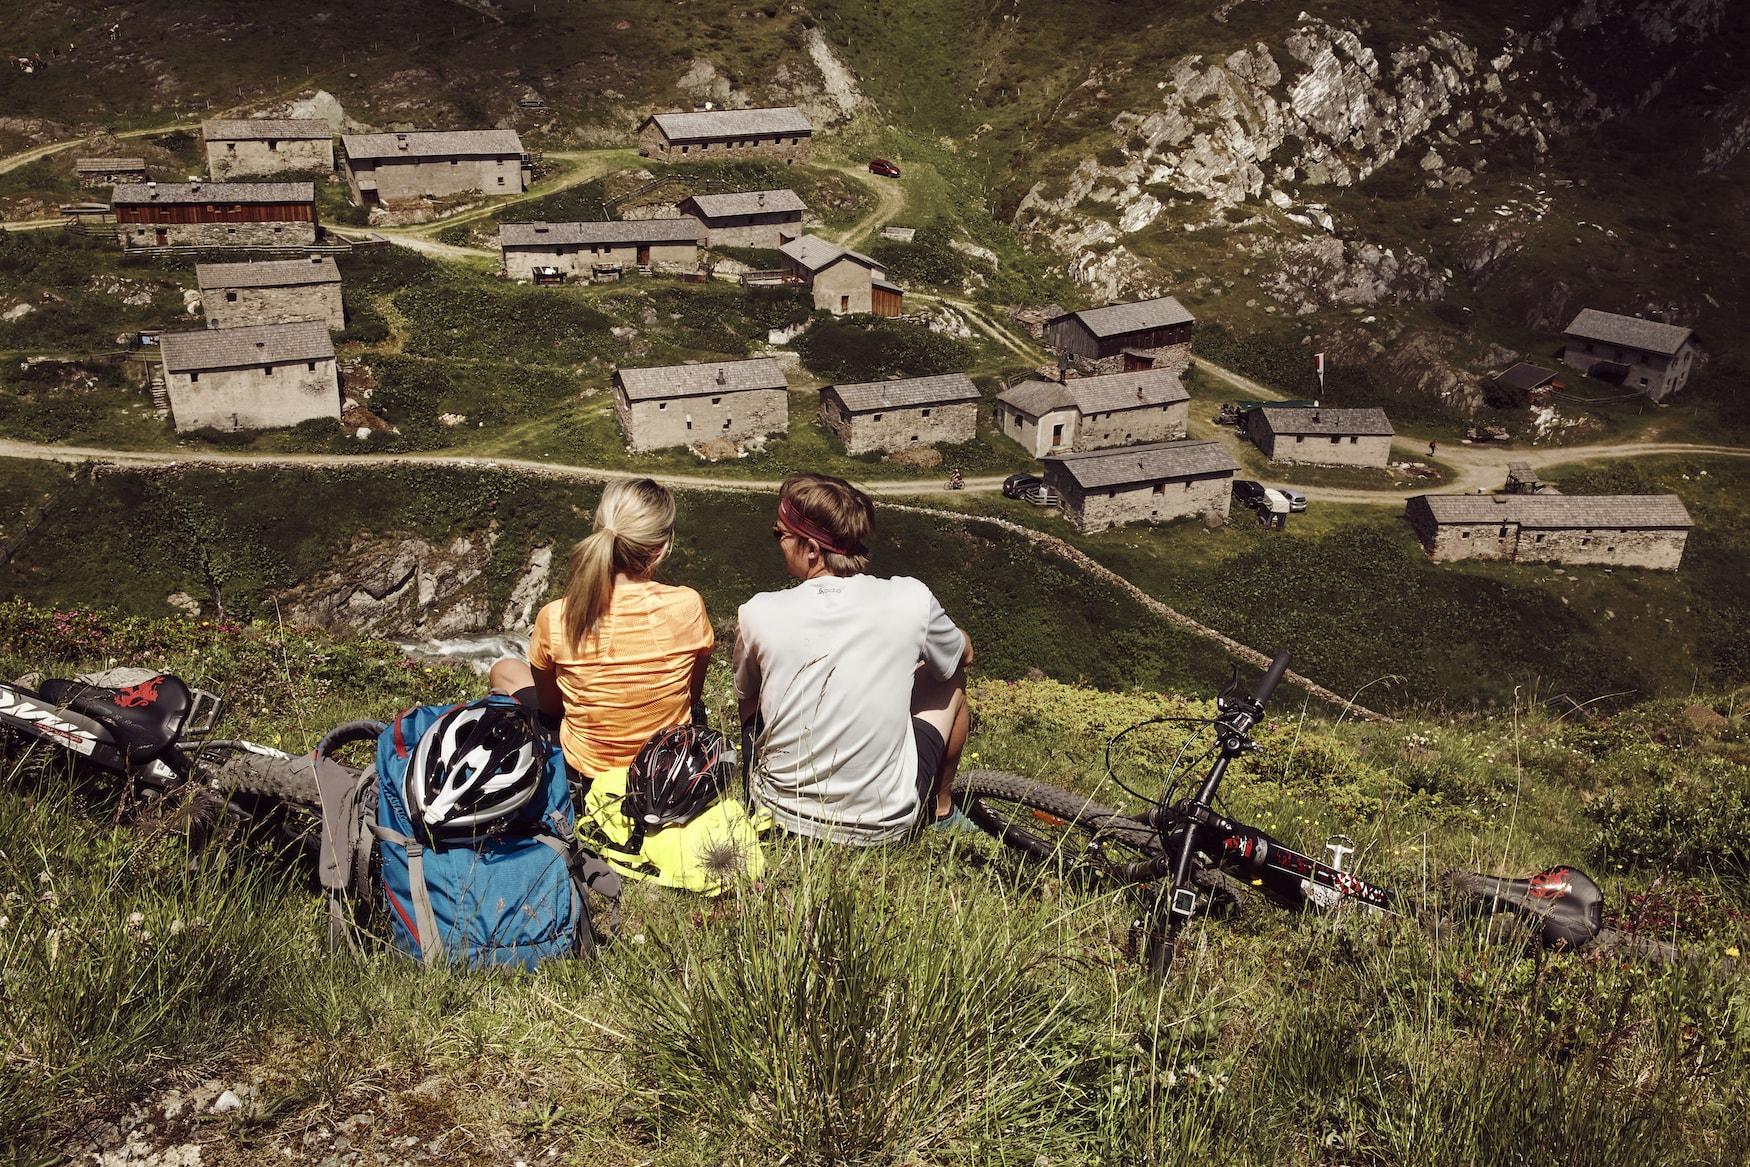 Pärchen sitzt mit Mountainbikes auf einem Aussichtspunkt im Nationalpark Hohe Tauern und genießt eine Sicht auf die österreichischen Alpen